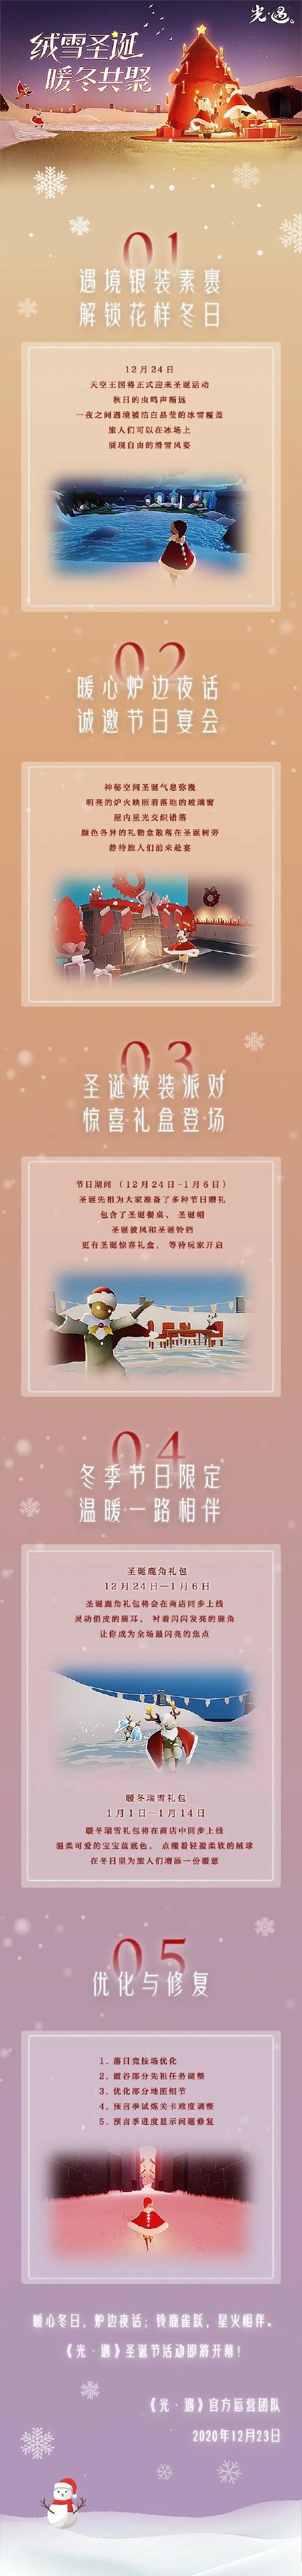 12月23日更新公告丨冬日来袭,开启暖心圣诞